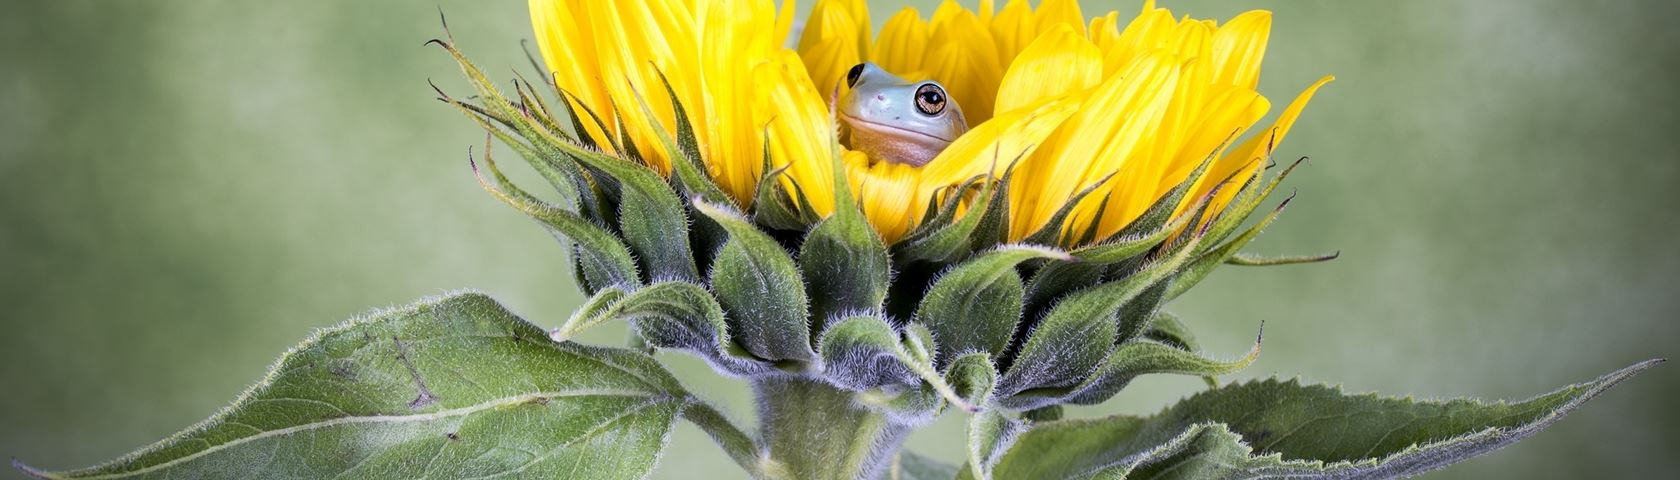 Peek-A-Boo Froggy